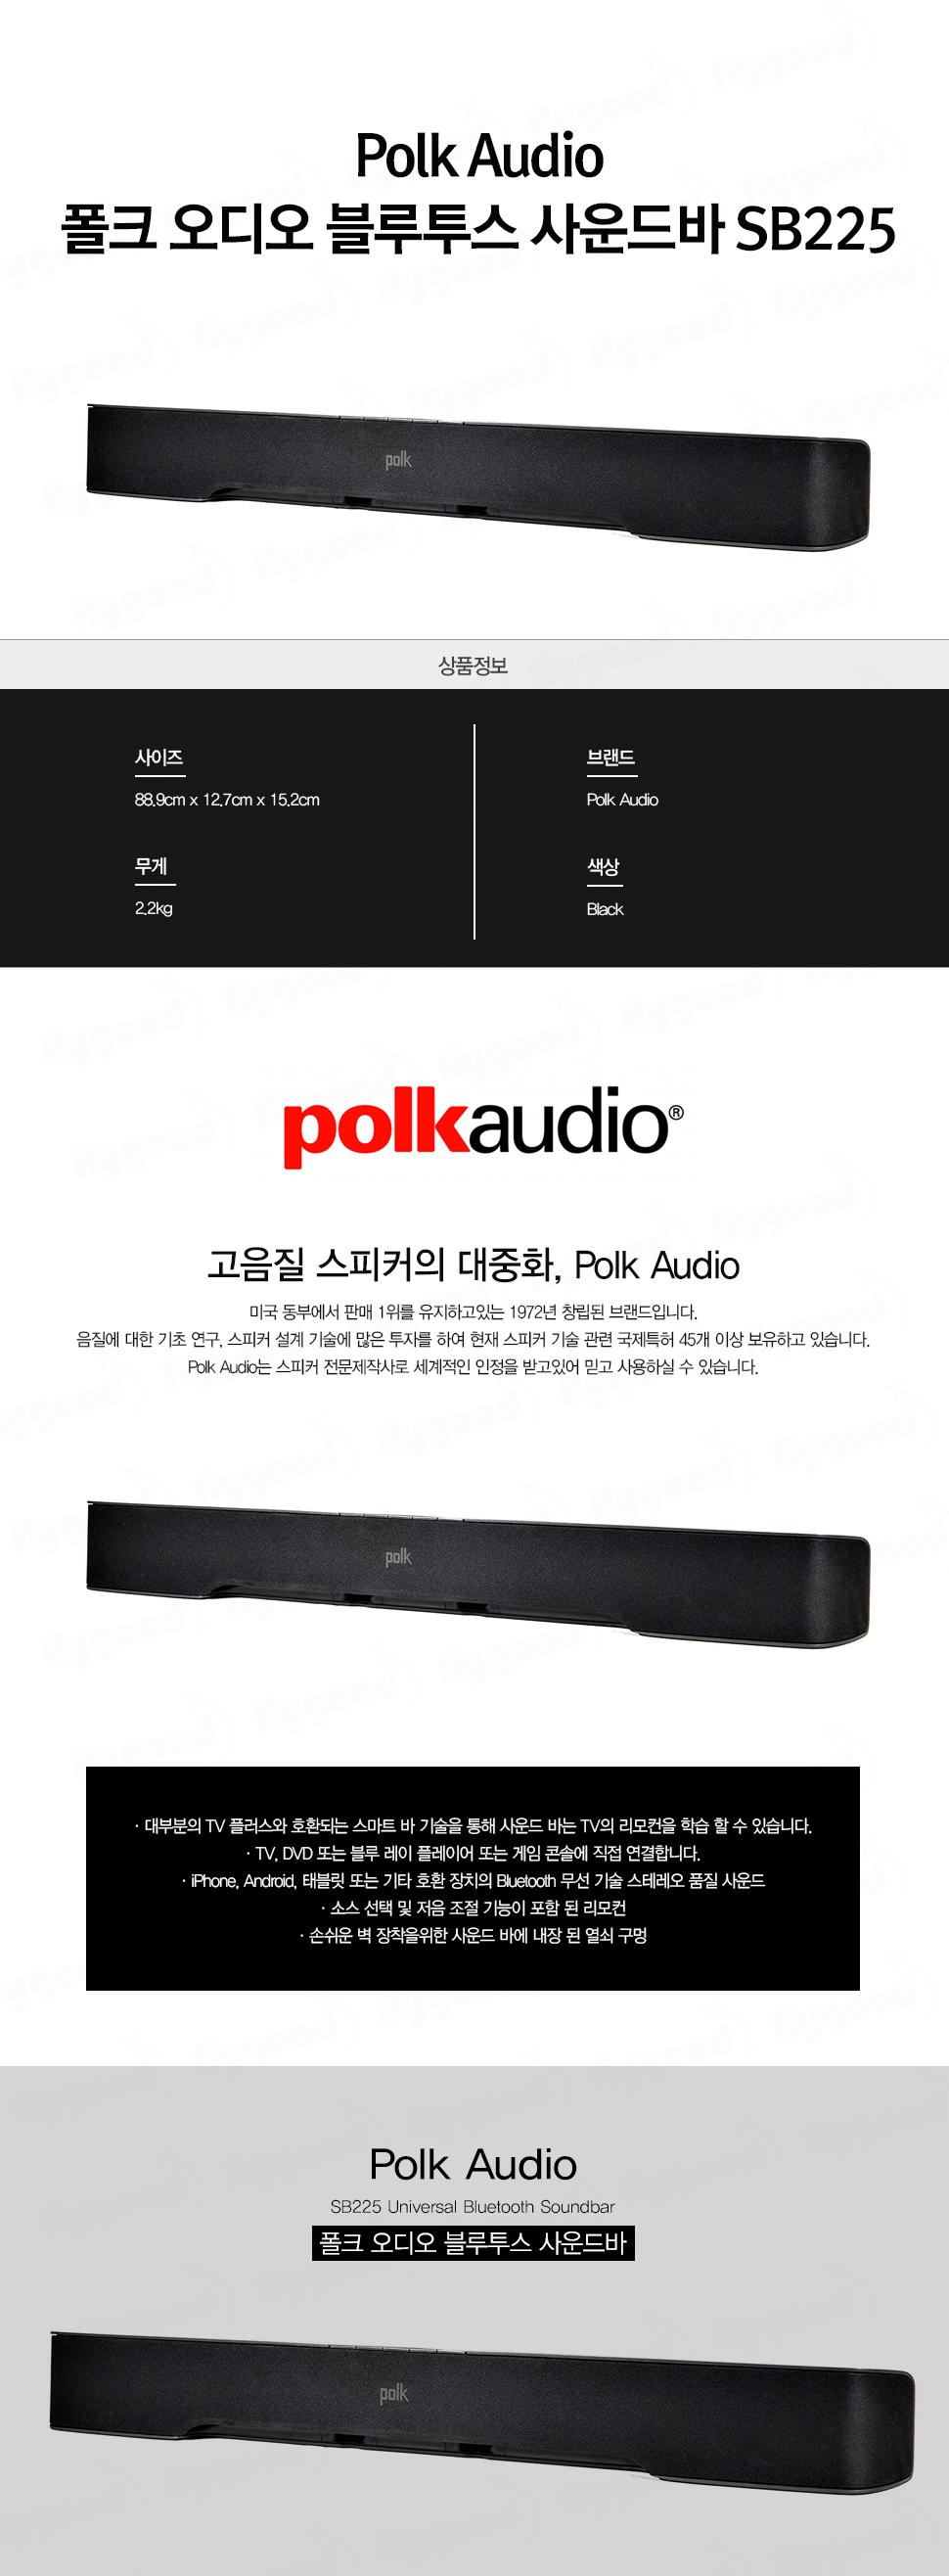 PolkAudio_블루투스_사운드바_SB225.jpg